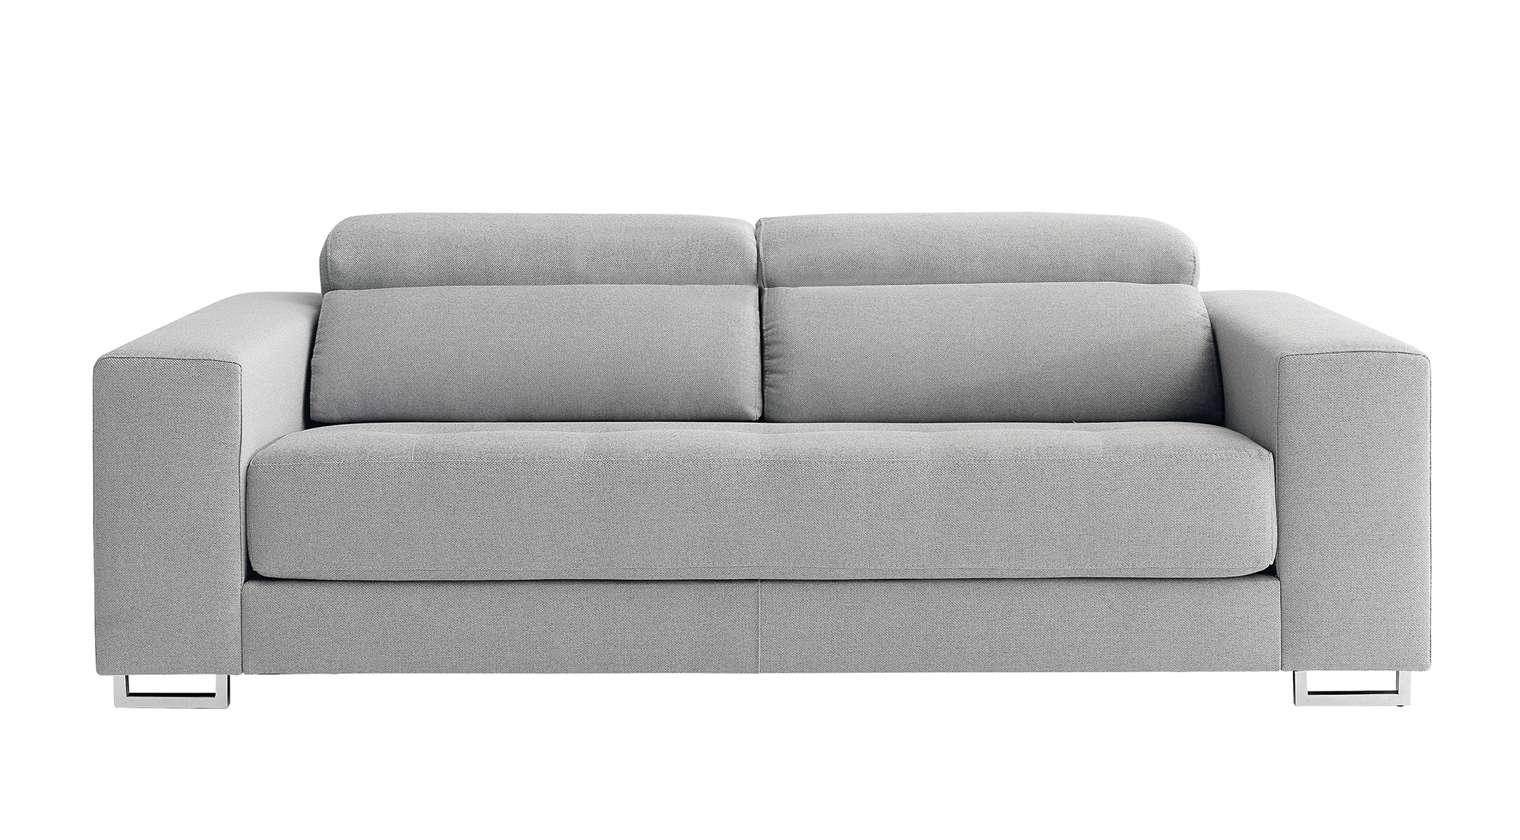 Comprar sof tela venus sofa 2 5 plazas microfibra goku for Sofas 4 plazas baratos